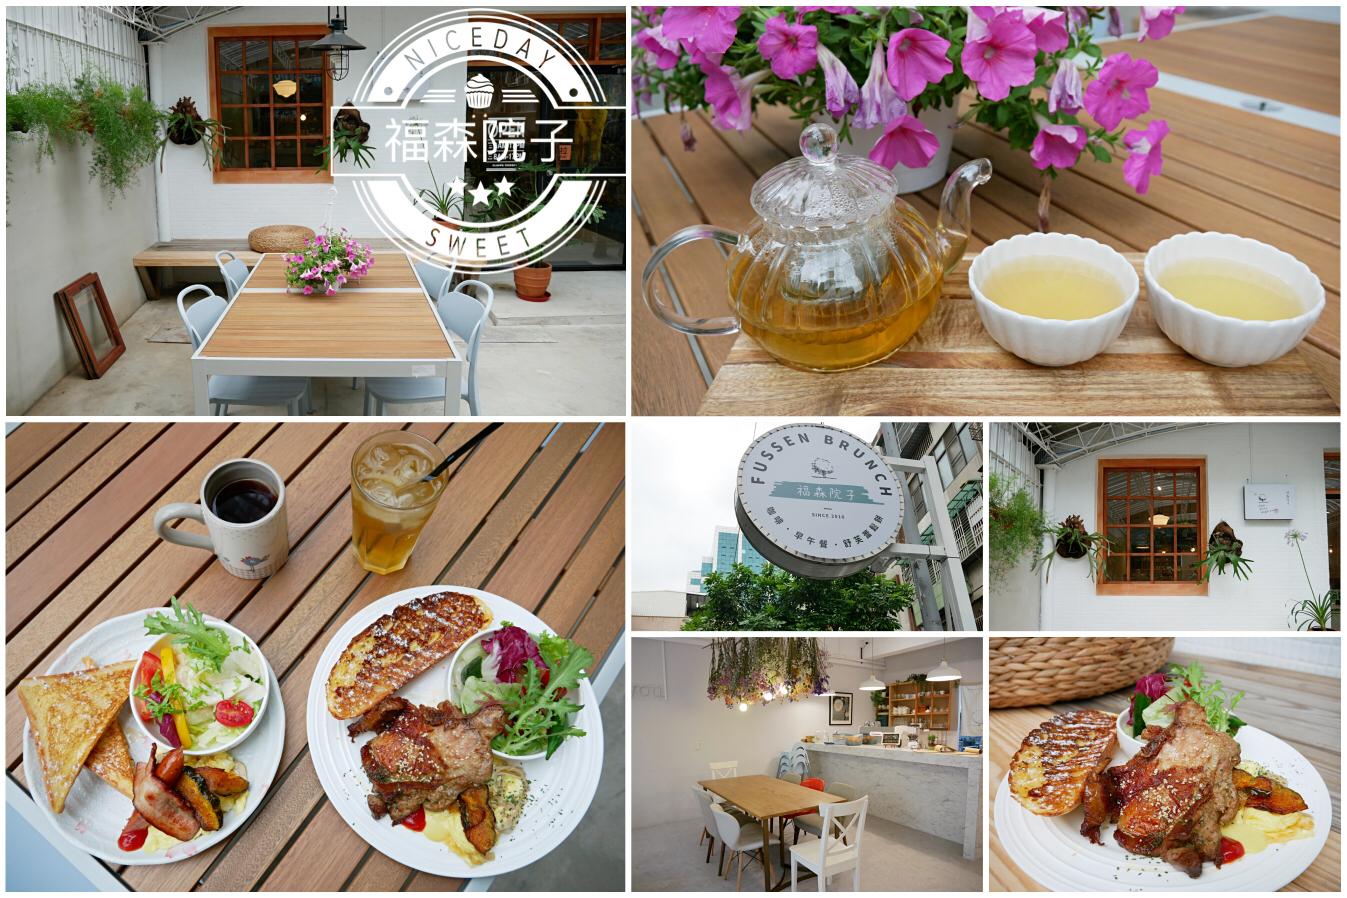 [桃園美食]福森院子Fussen Coffee|藝文特區全天候供應早午餐選擇多樣化~舒芙蕾鬆餅、飲料